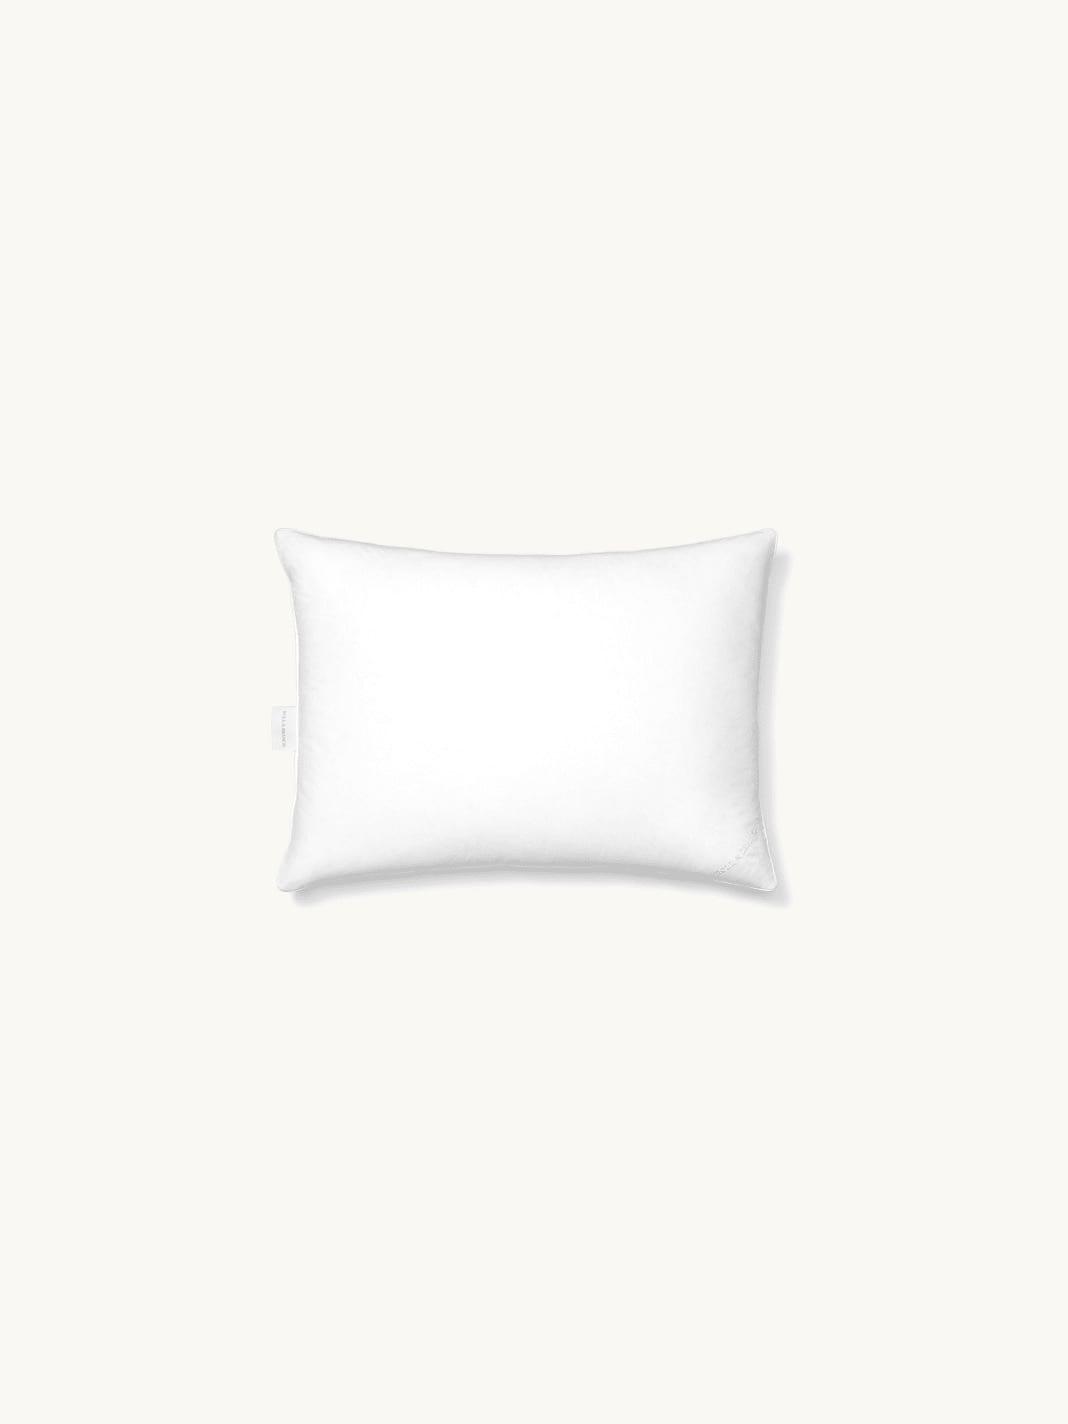 best down alternative pillows of 2021